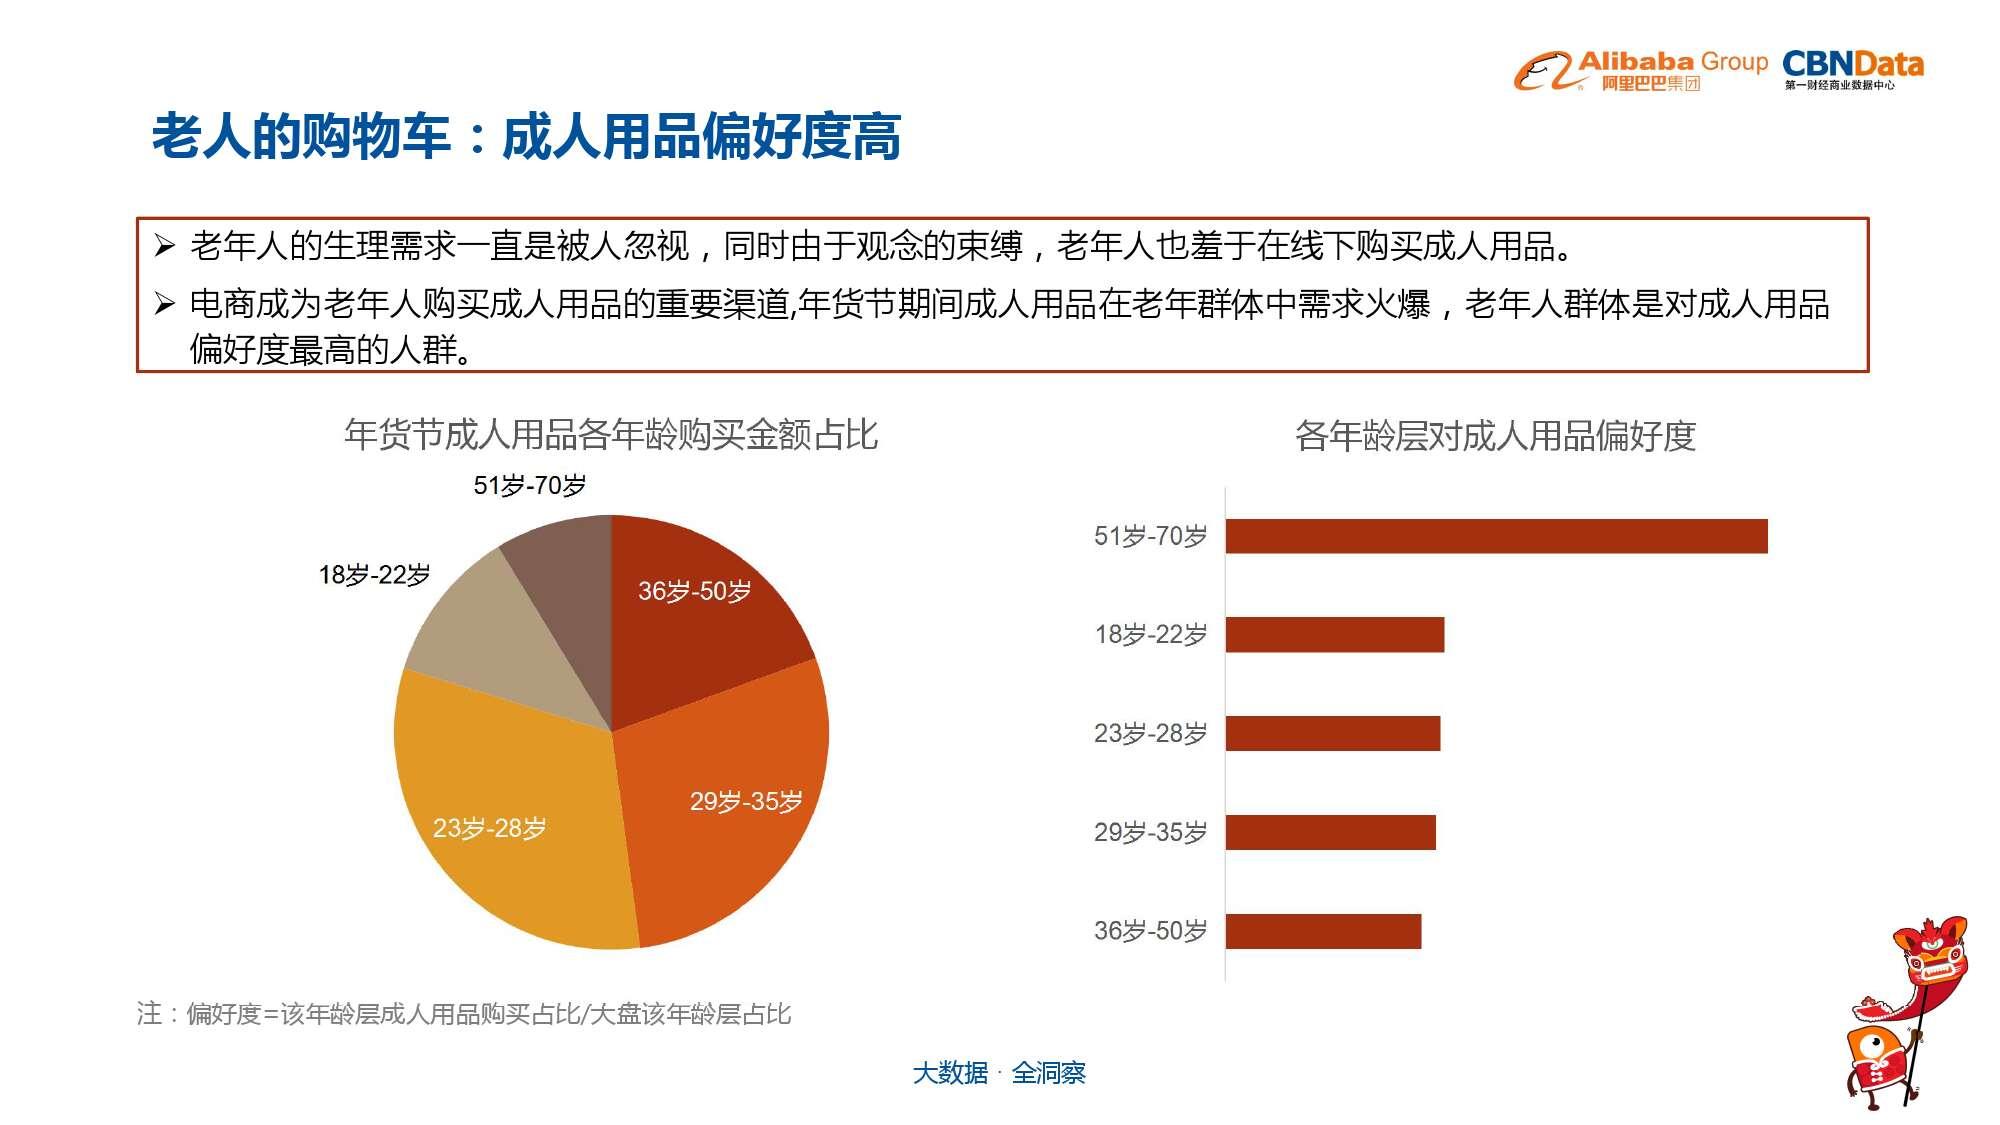 中国年货大数据报告_000040